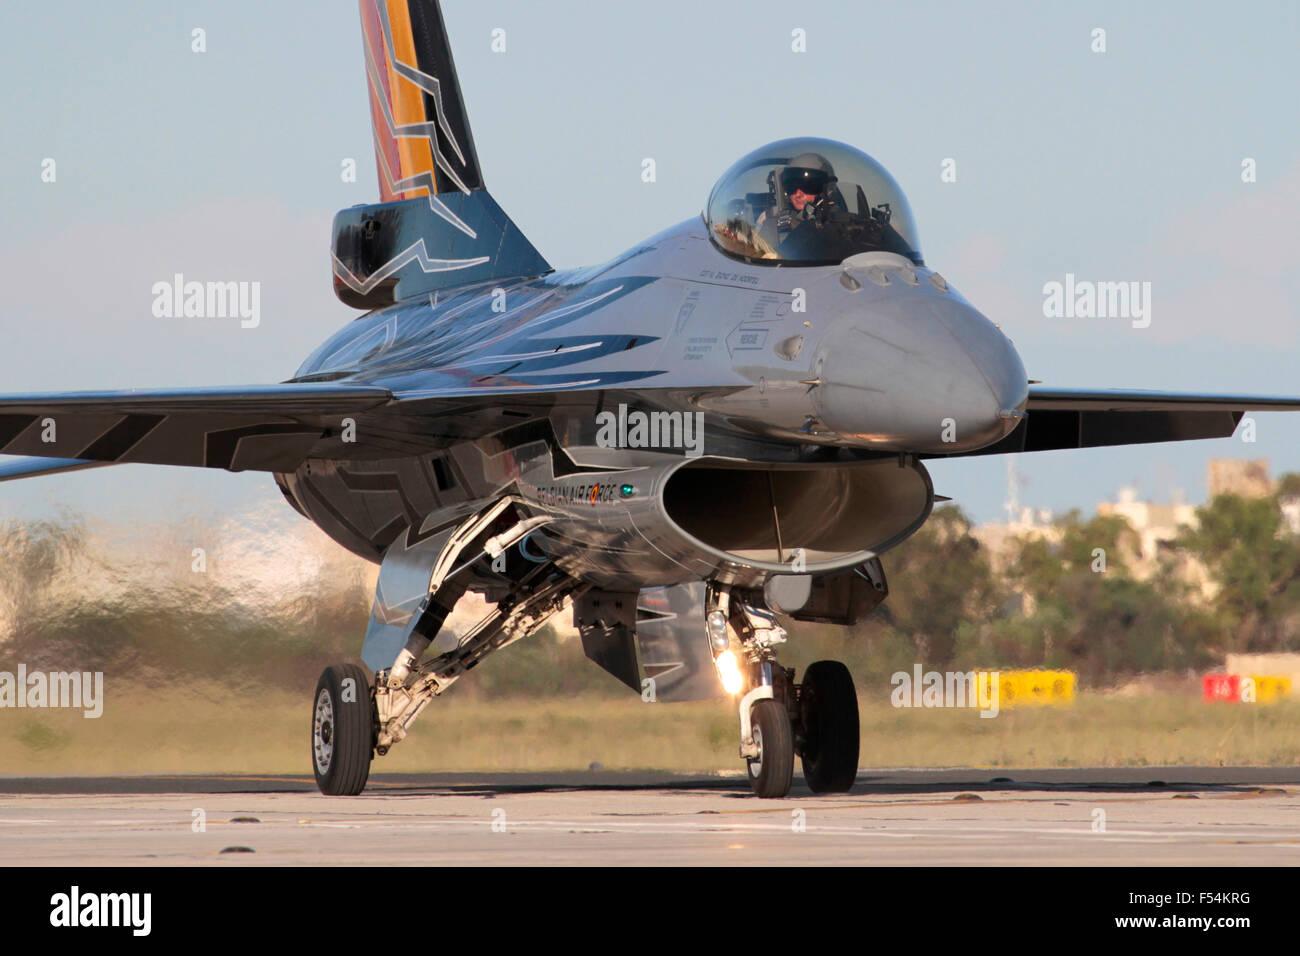 Avion de chasse militaire Flight Falcon F-16 de Belgique dans des couleurs spéciales. Aviation militaire moderne et avions de combat. Banque D'Images